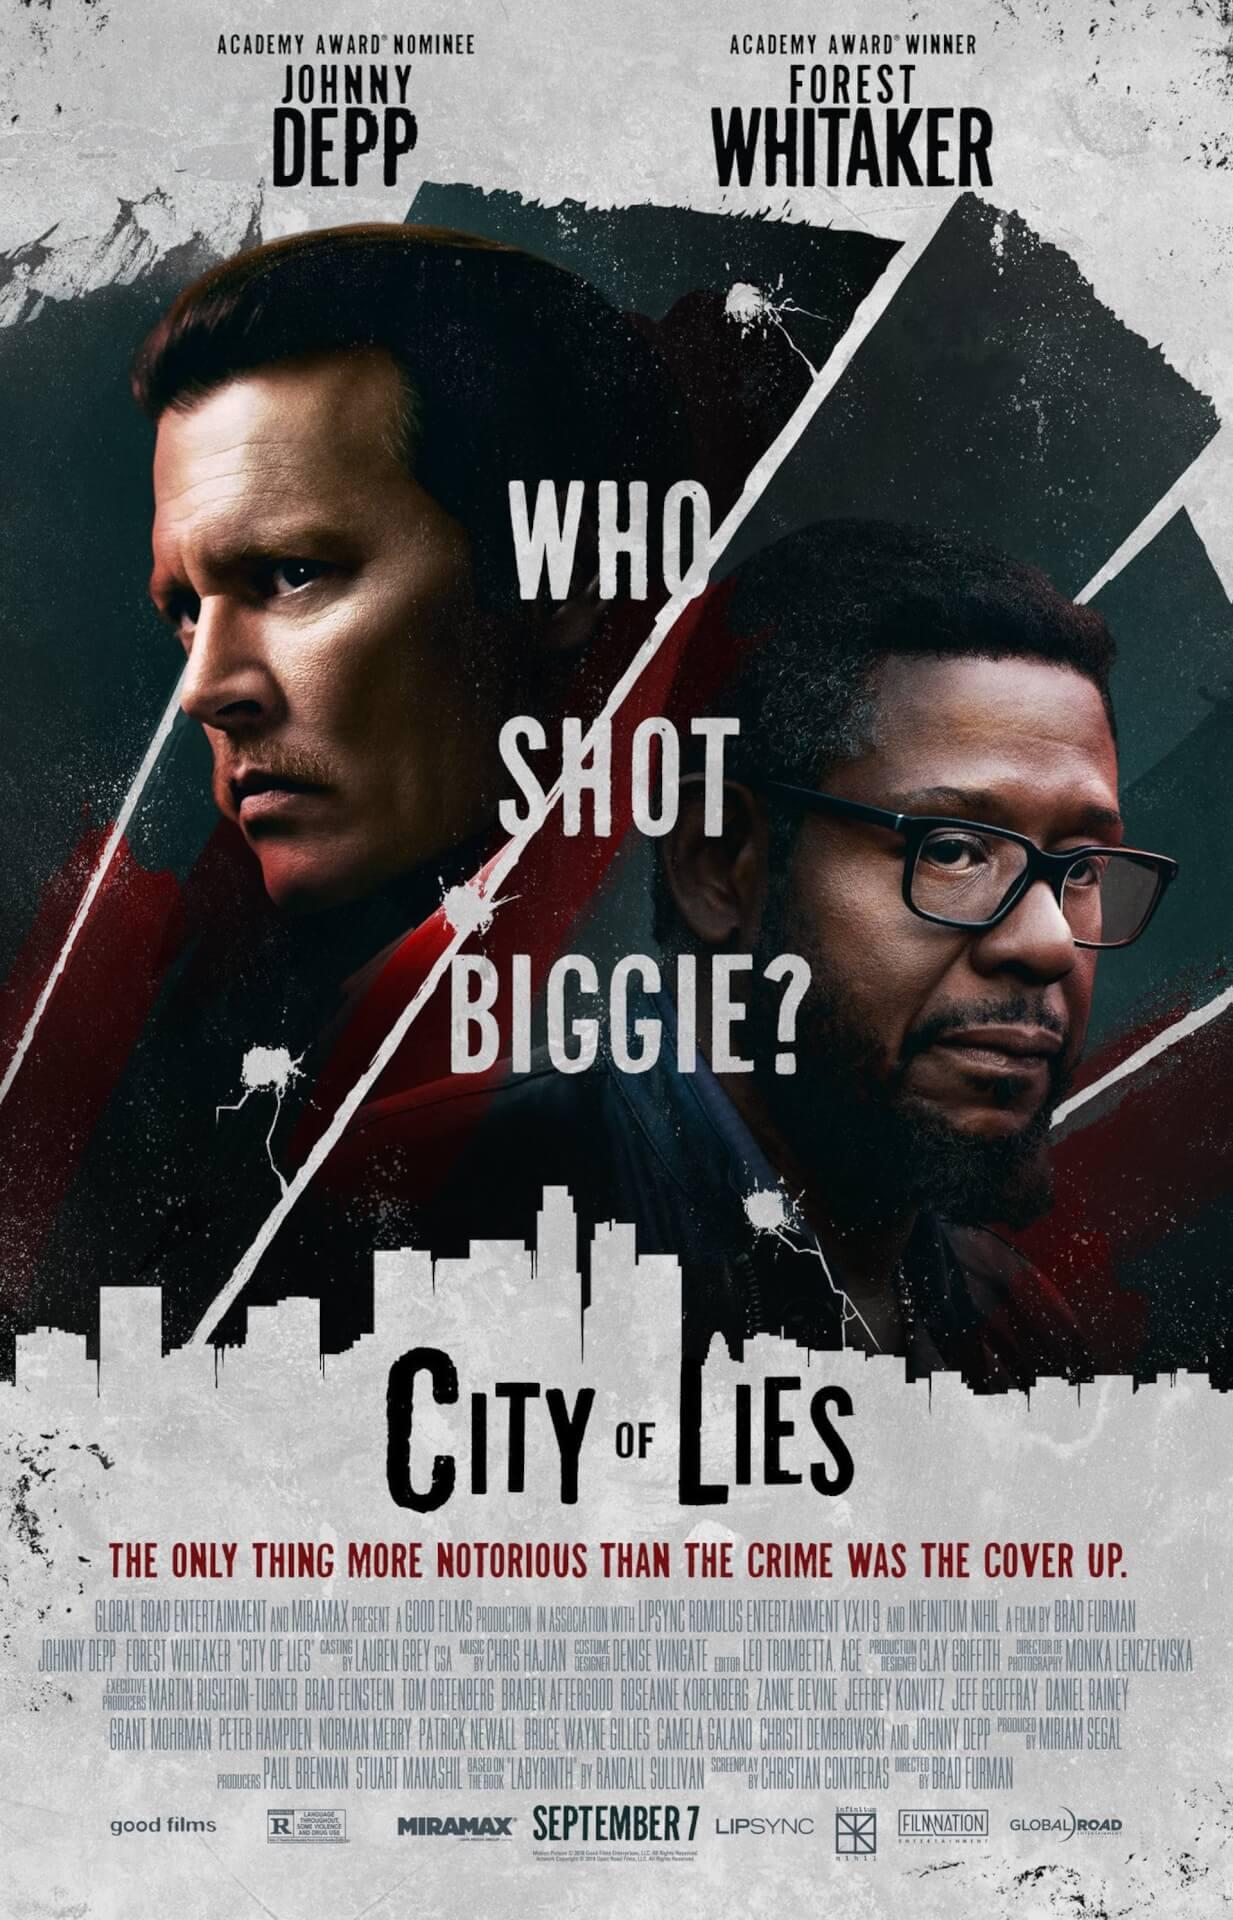 ビギーを撃ったのは誰なのか?暗殺事件の真相に迫るジョニー・デップ主演の映画『City Of Lies』の予告編がノトーリアス・B.I.G.の命日に解禁 film210310_cityoflies_main